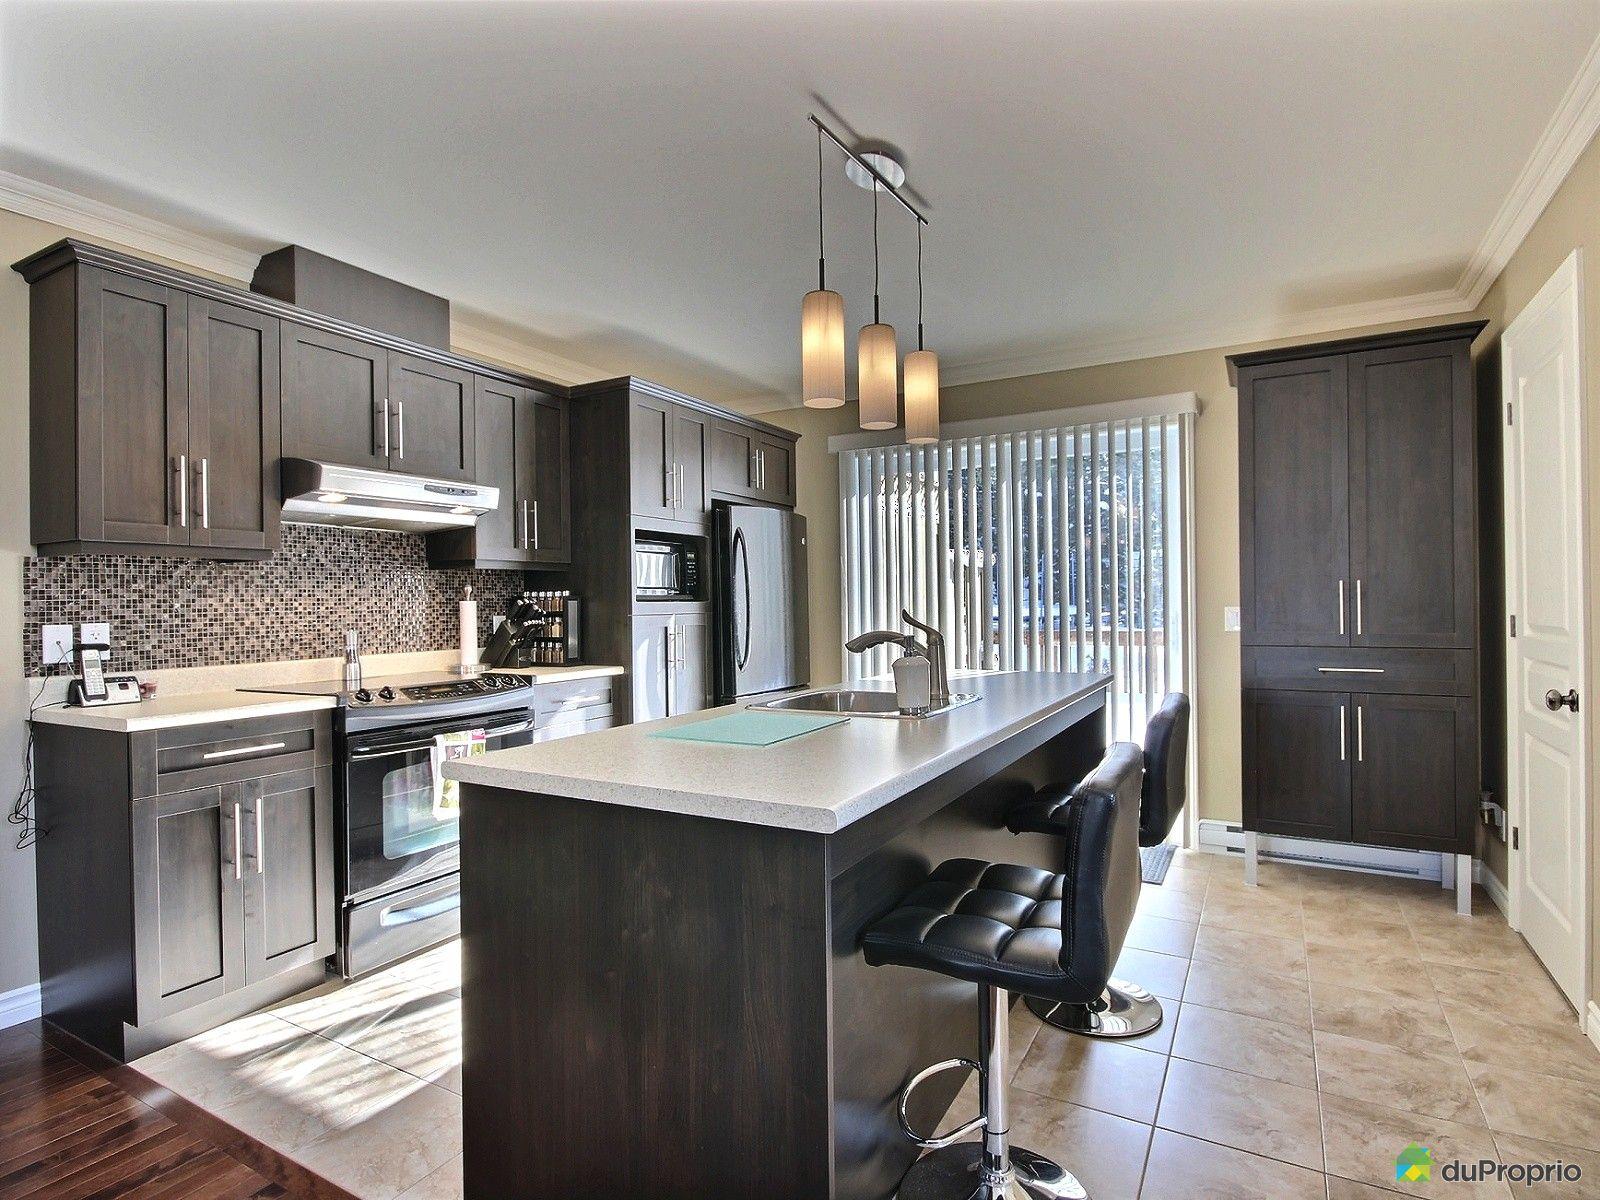 cuisine moderne dans lancien. Black Bedroom Furniture Sets. Home Design Ideas